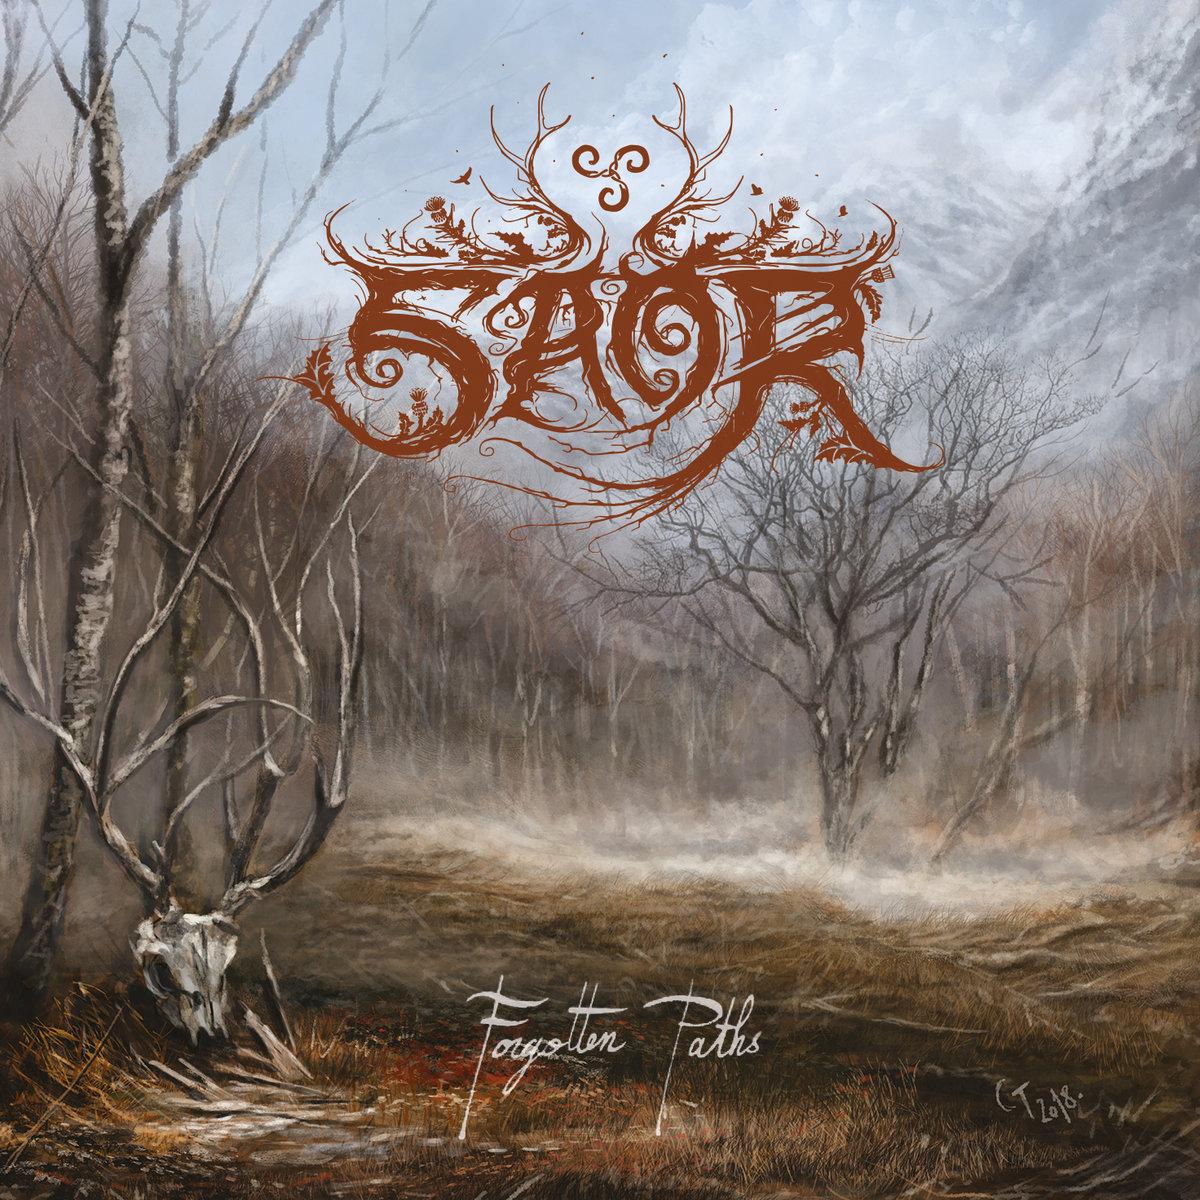 Saor: Forgotten Paths